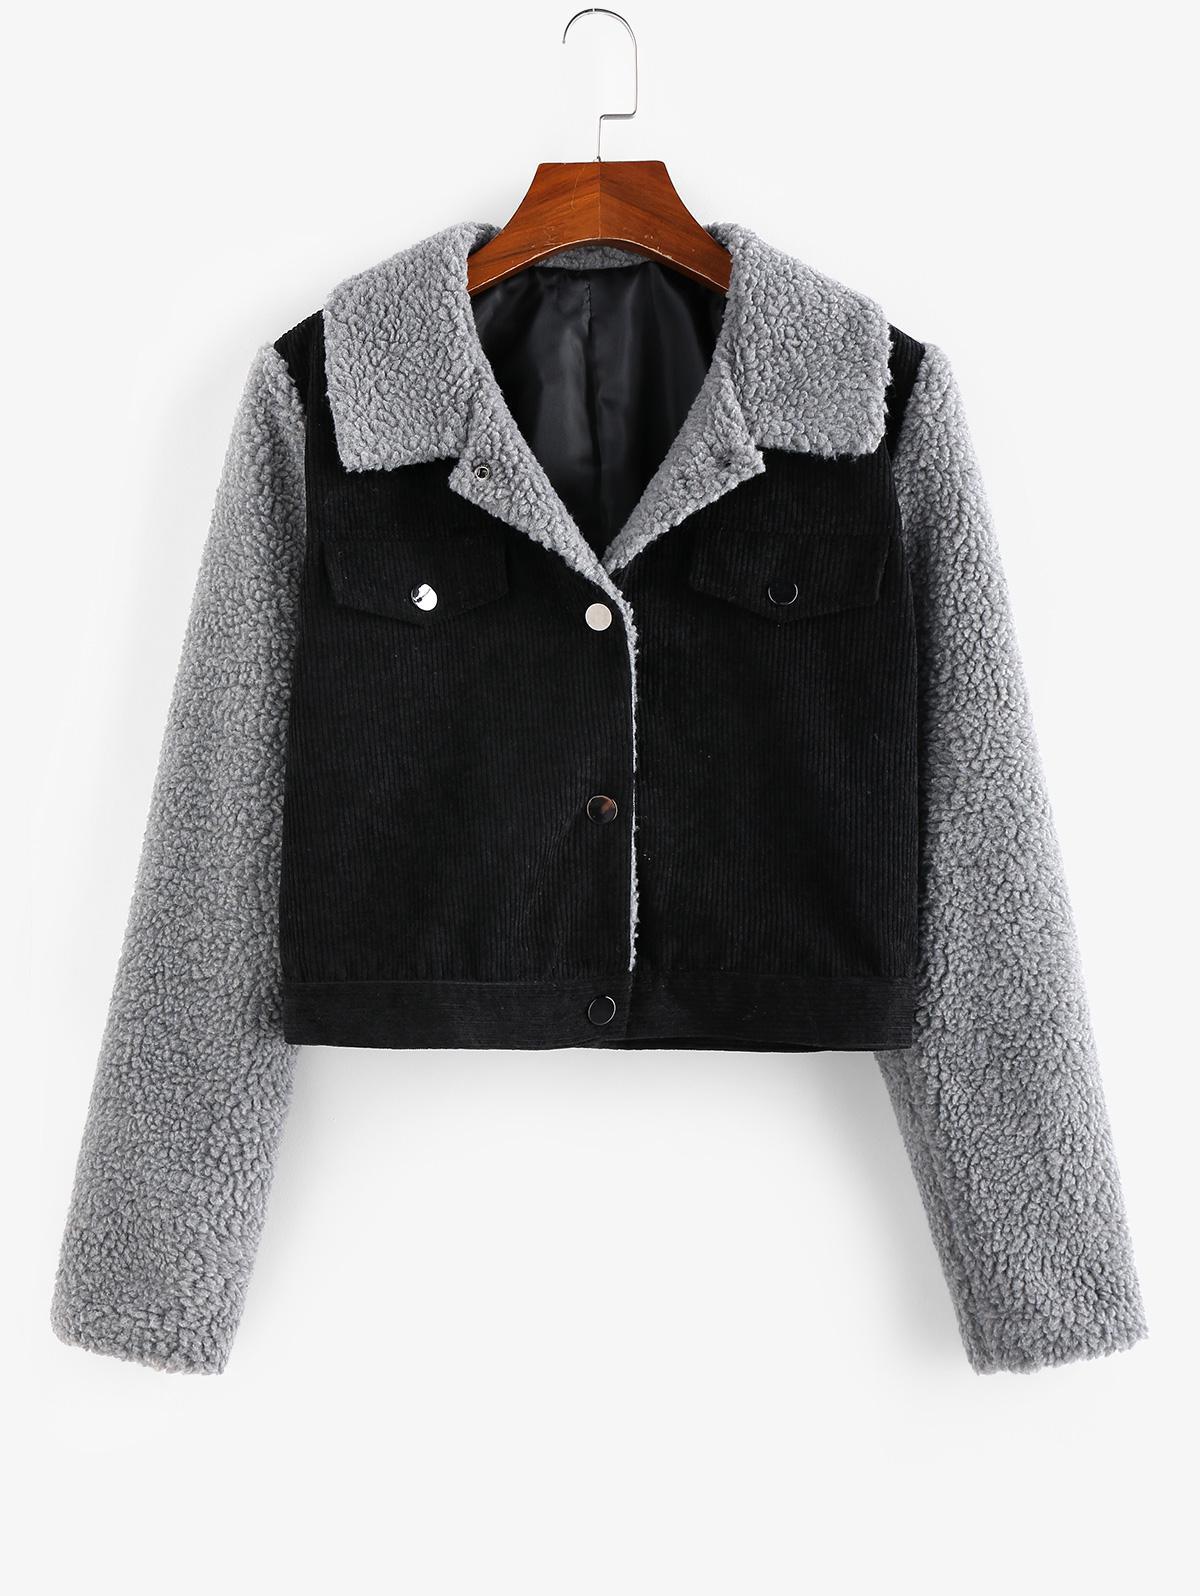 ZAFUL Corduroy Faux Fur Insert Colorblock Crop Jacket